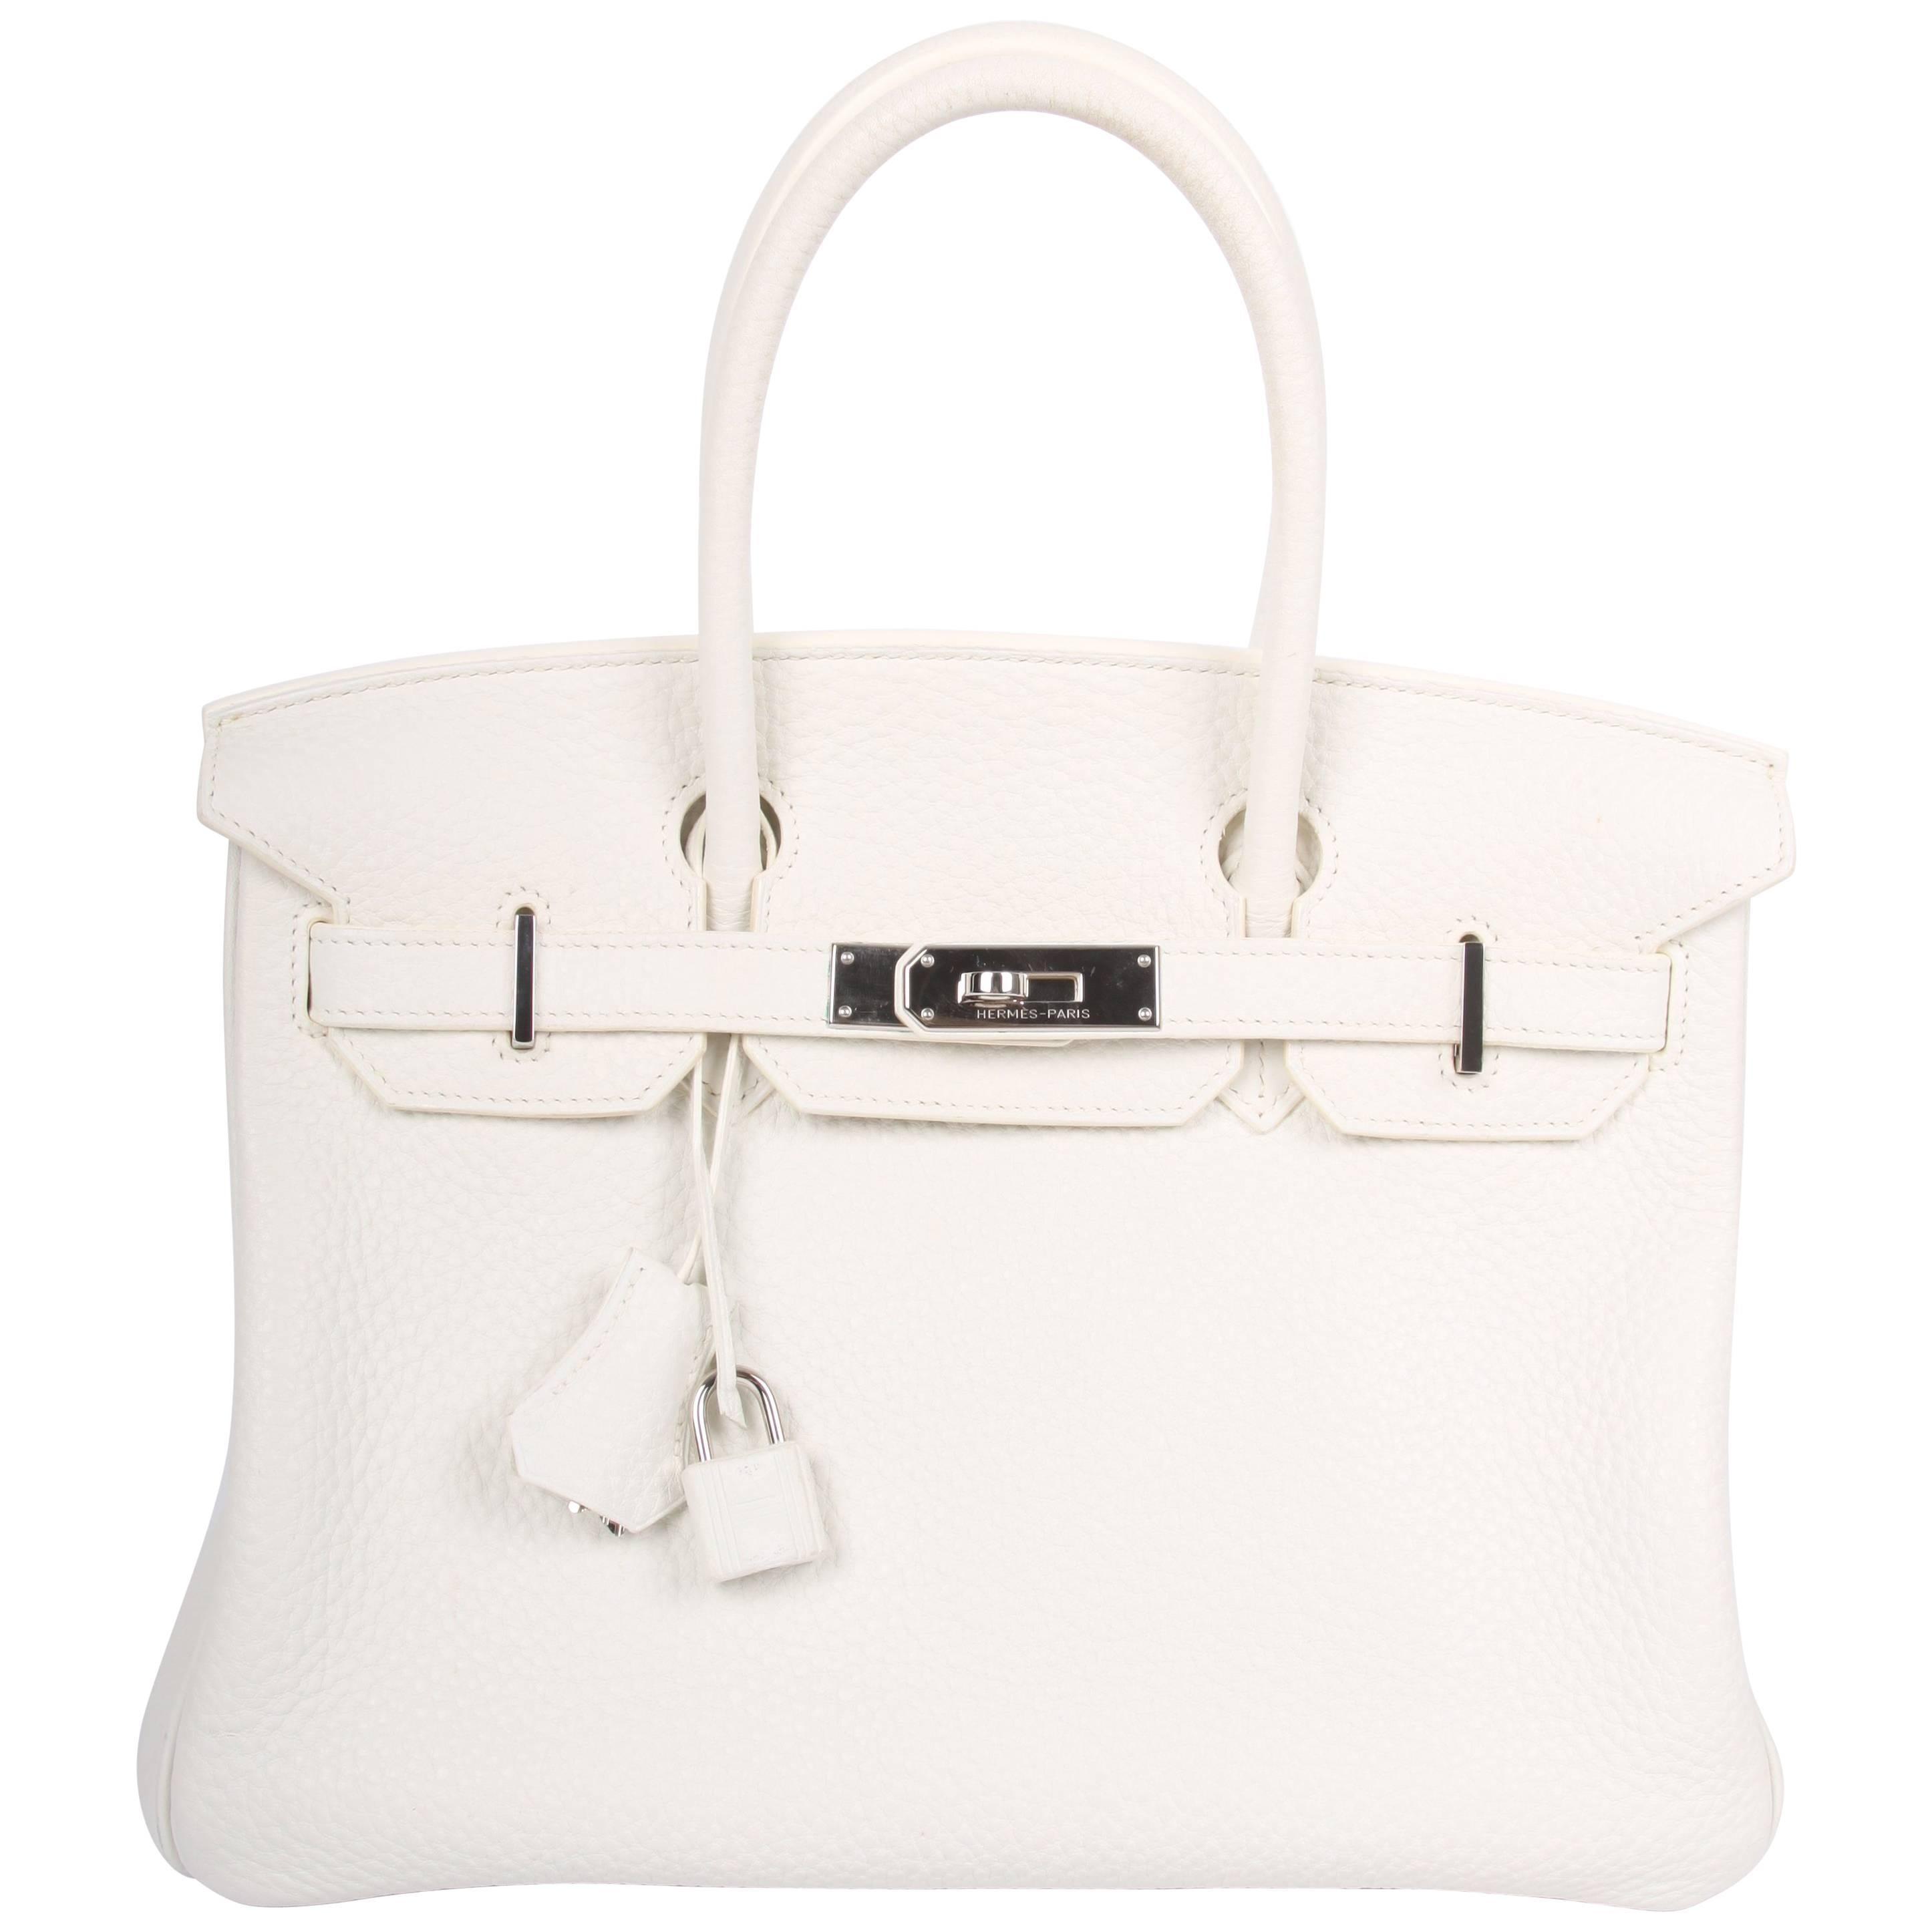 d8b5e46923 Hermes white Birkin 30 Bag at 1stdibs